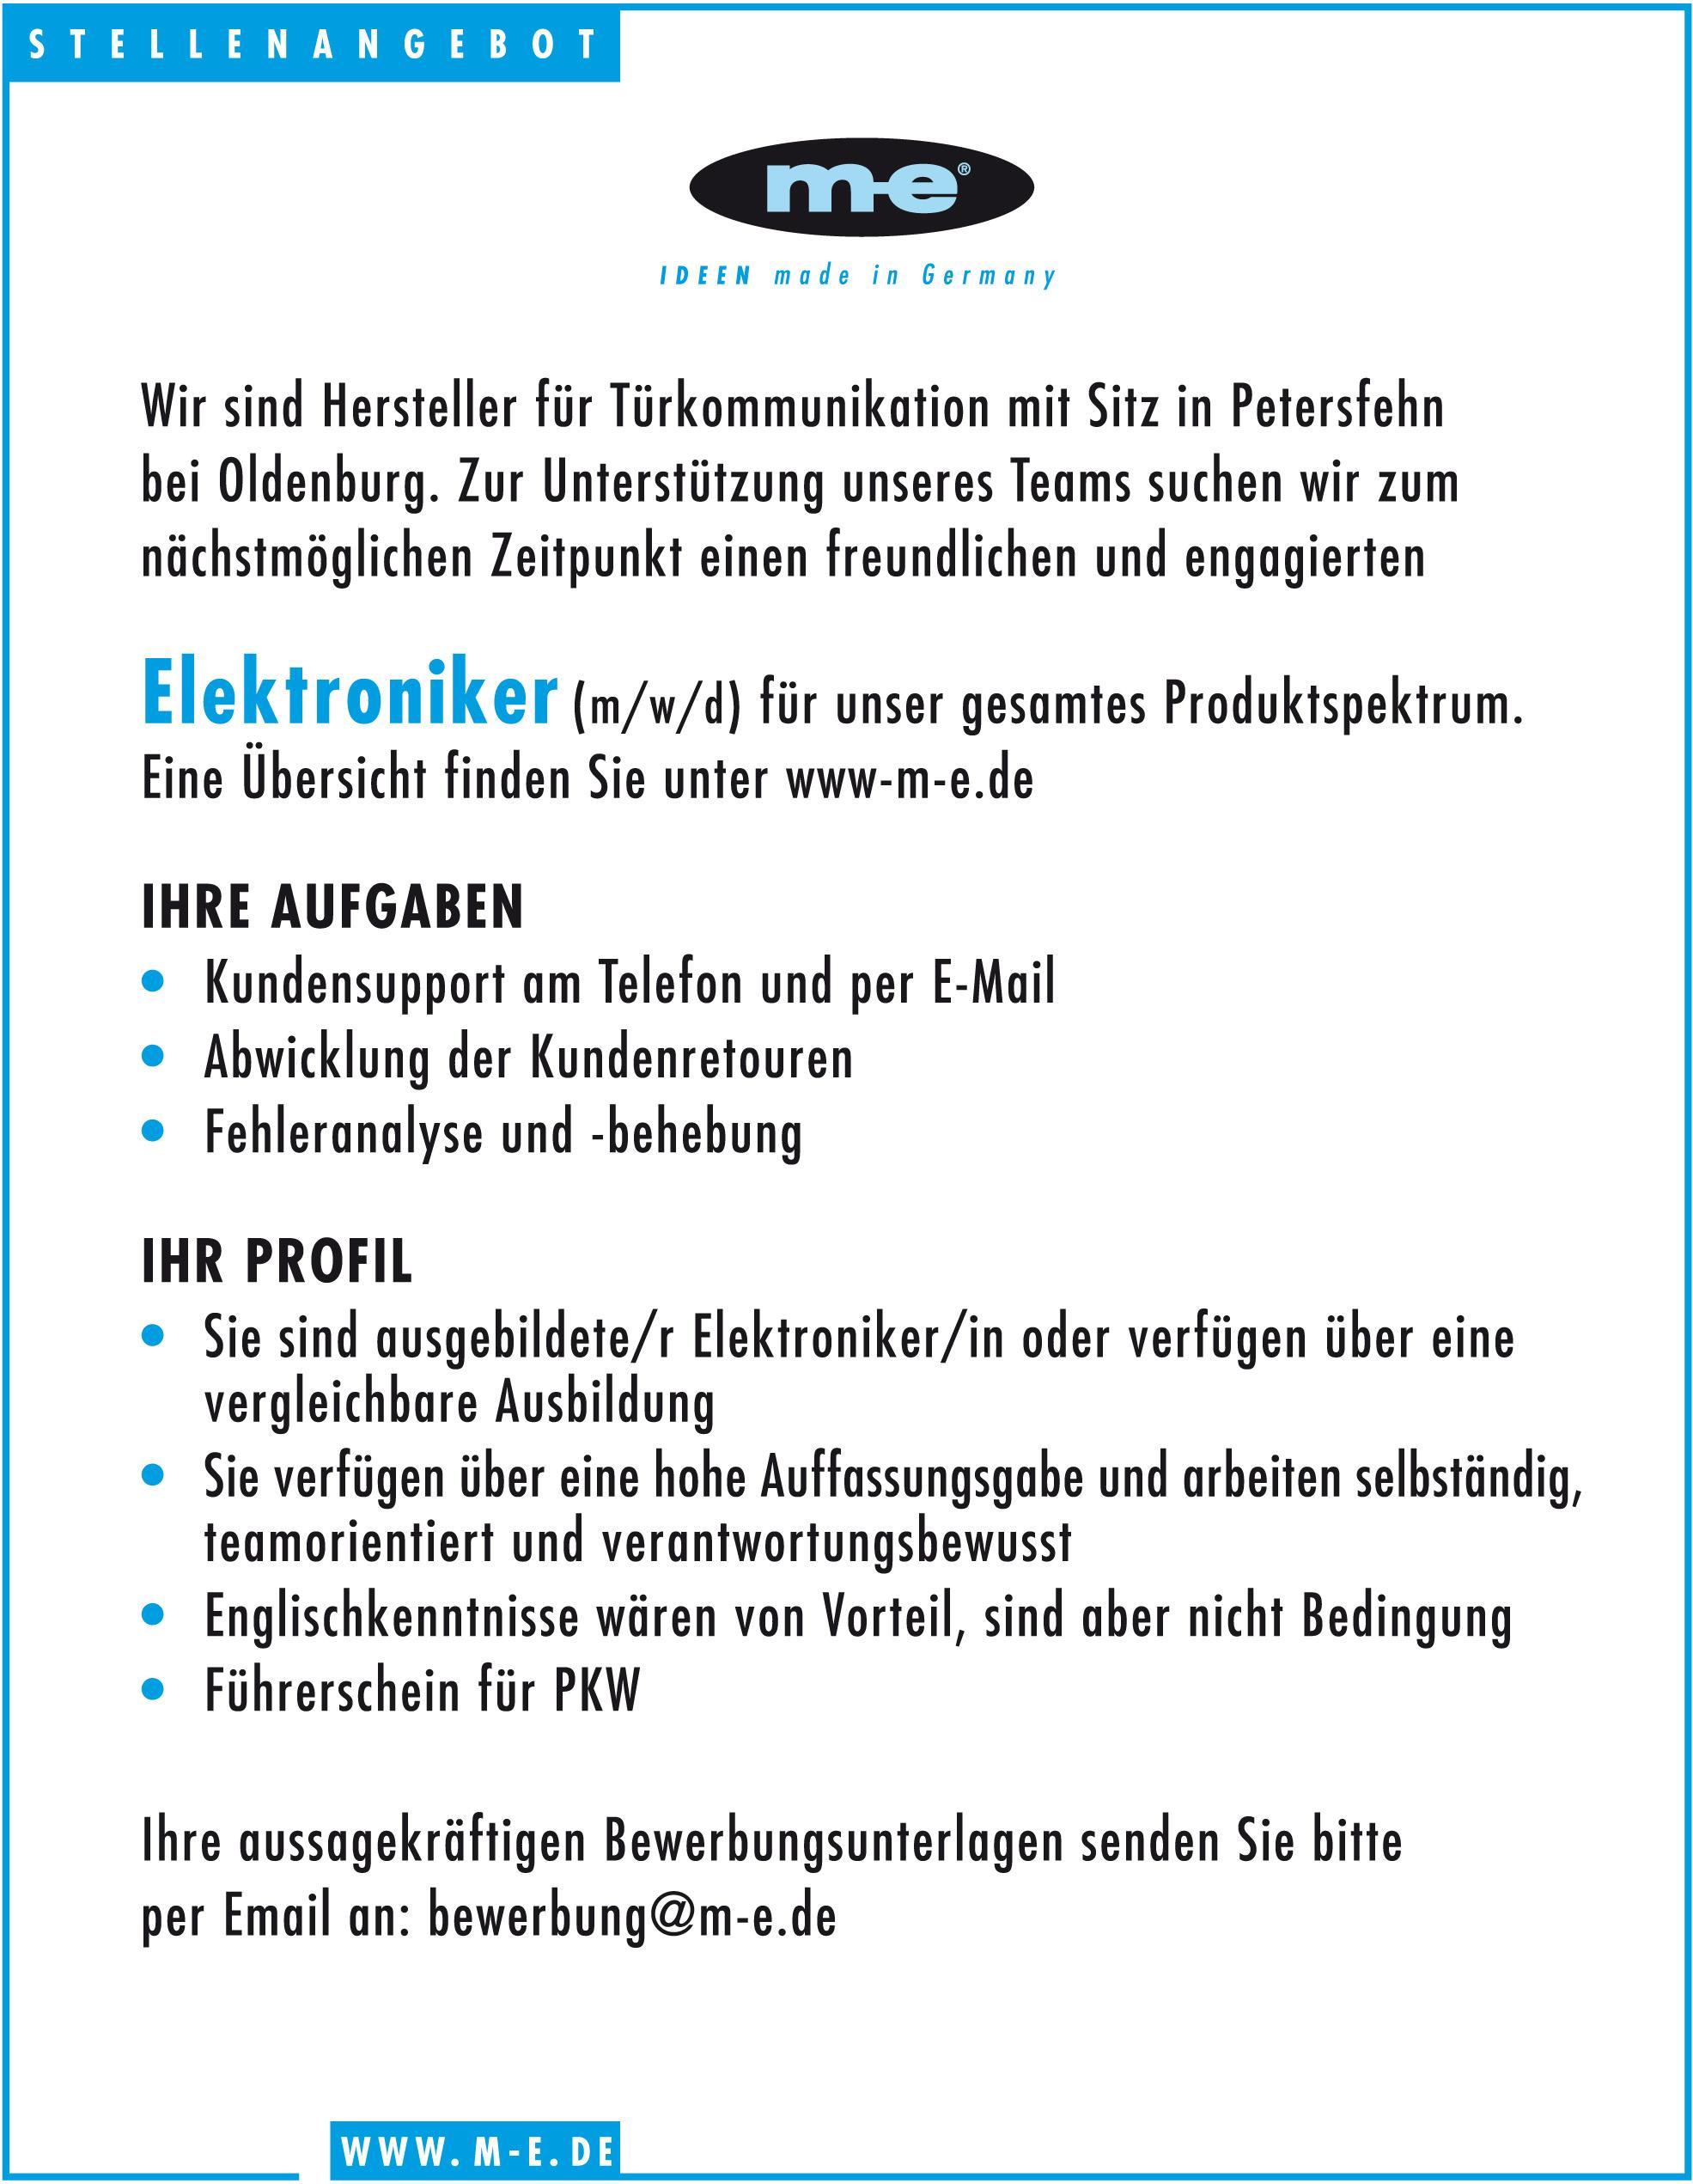 me-Stellen-Anzeige-2020-RZ2